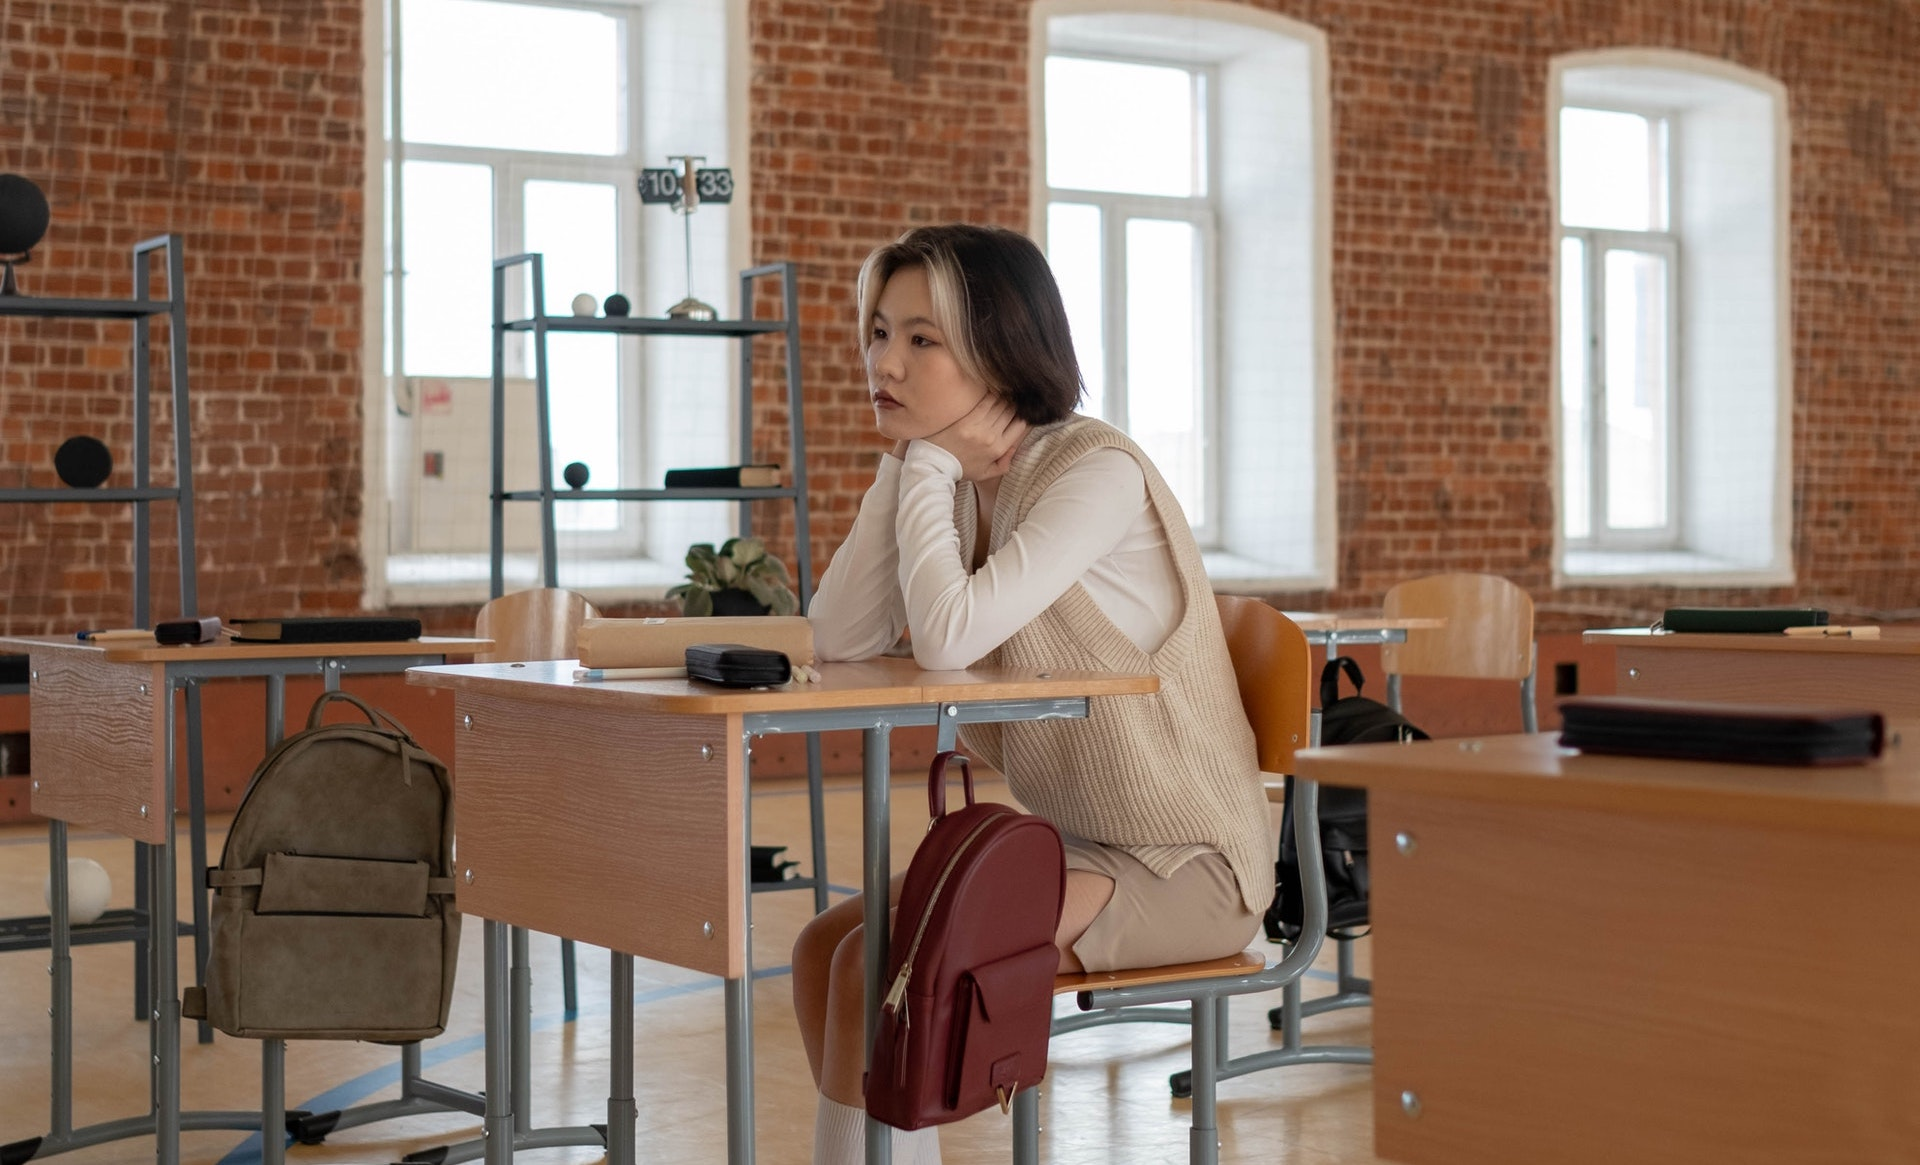 woman with boring job at desk